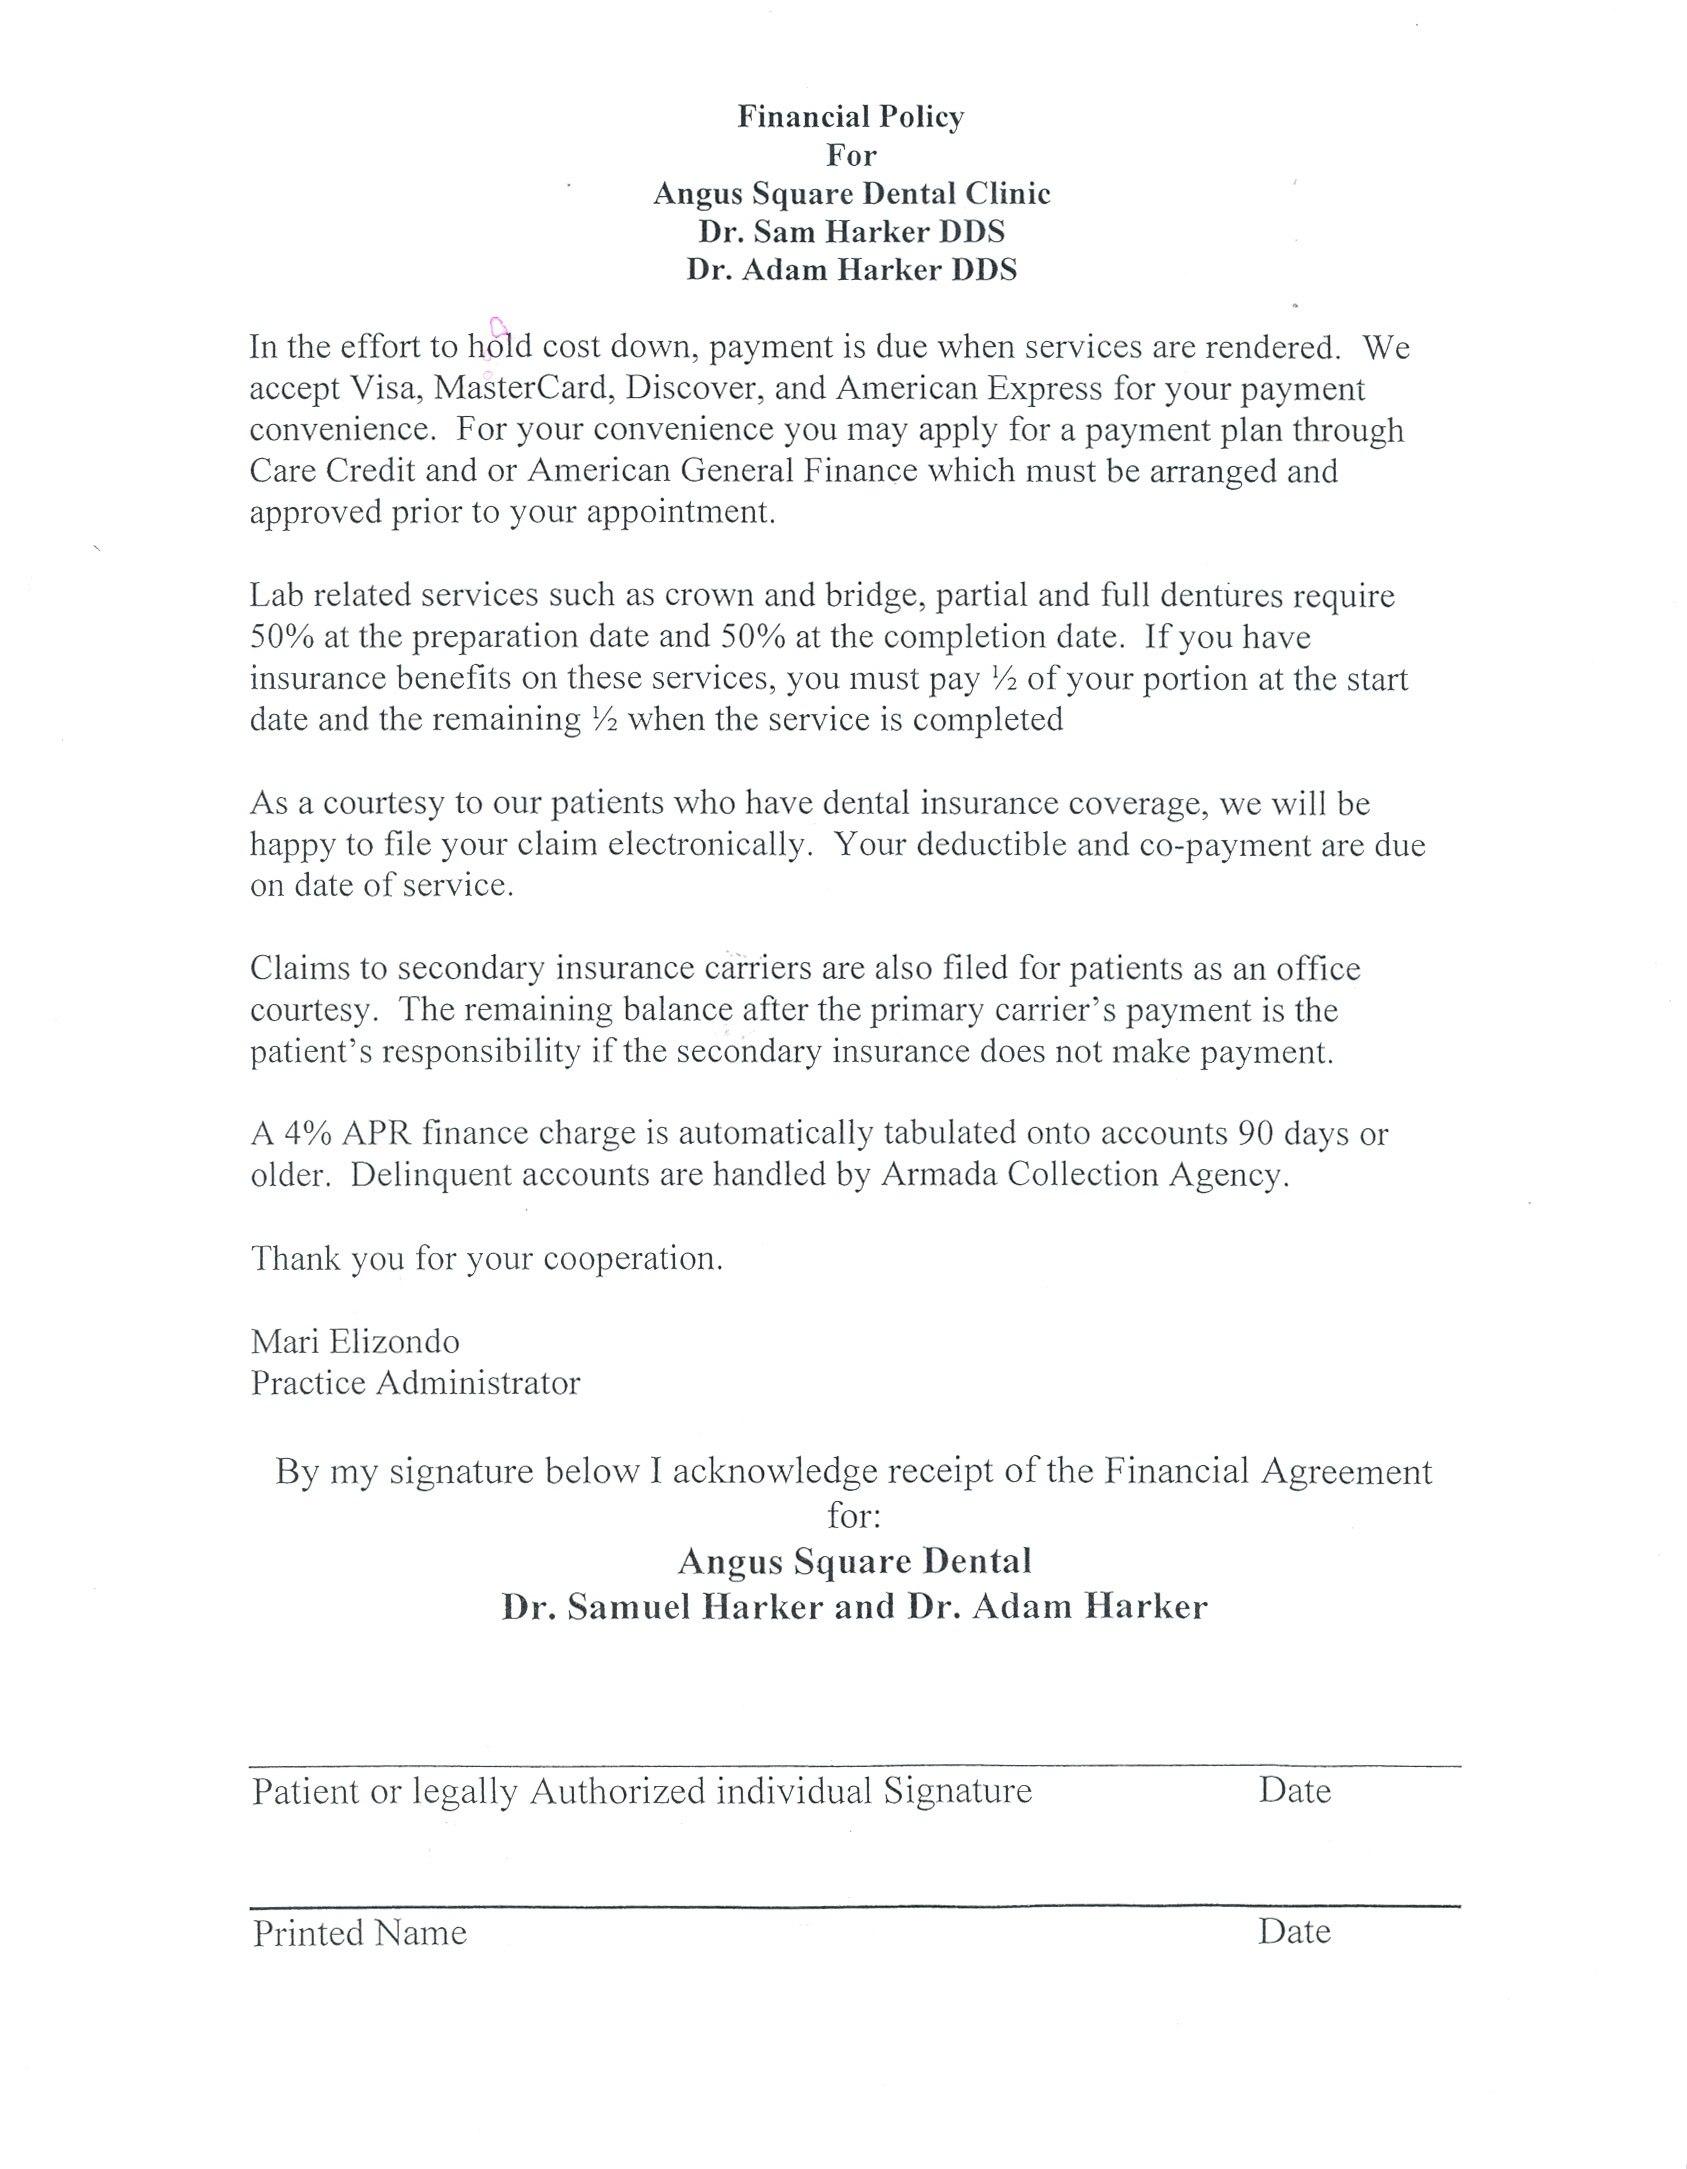 Dental Payment Plan Agreement Template  Logo Contract Agreement Regarding Financial Payment Plan Agreement Template